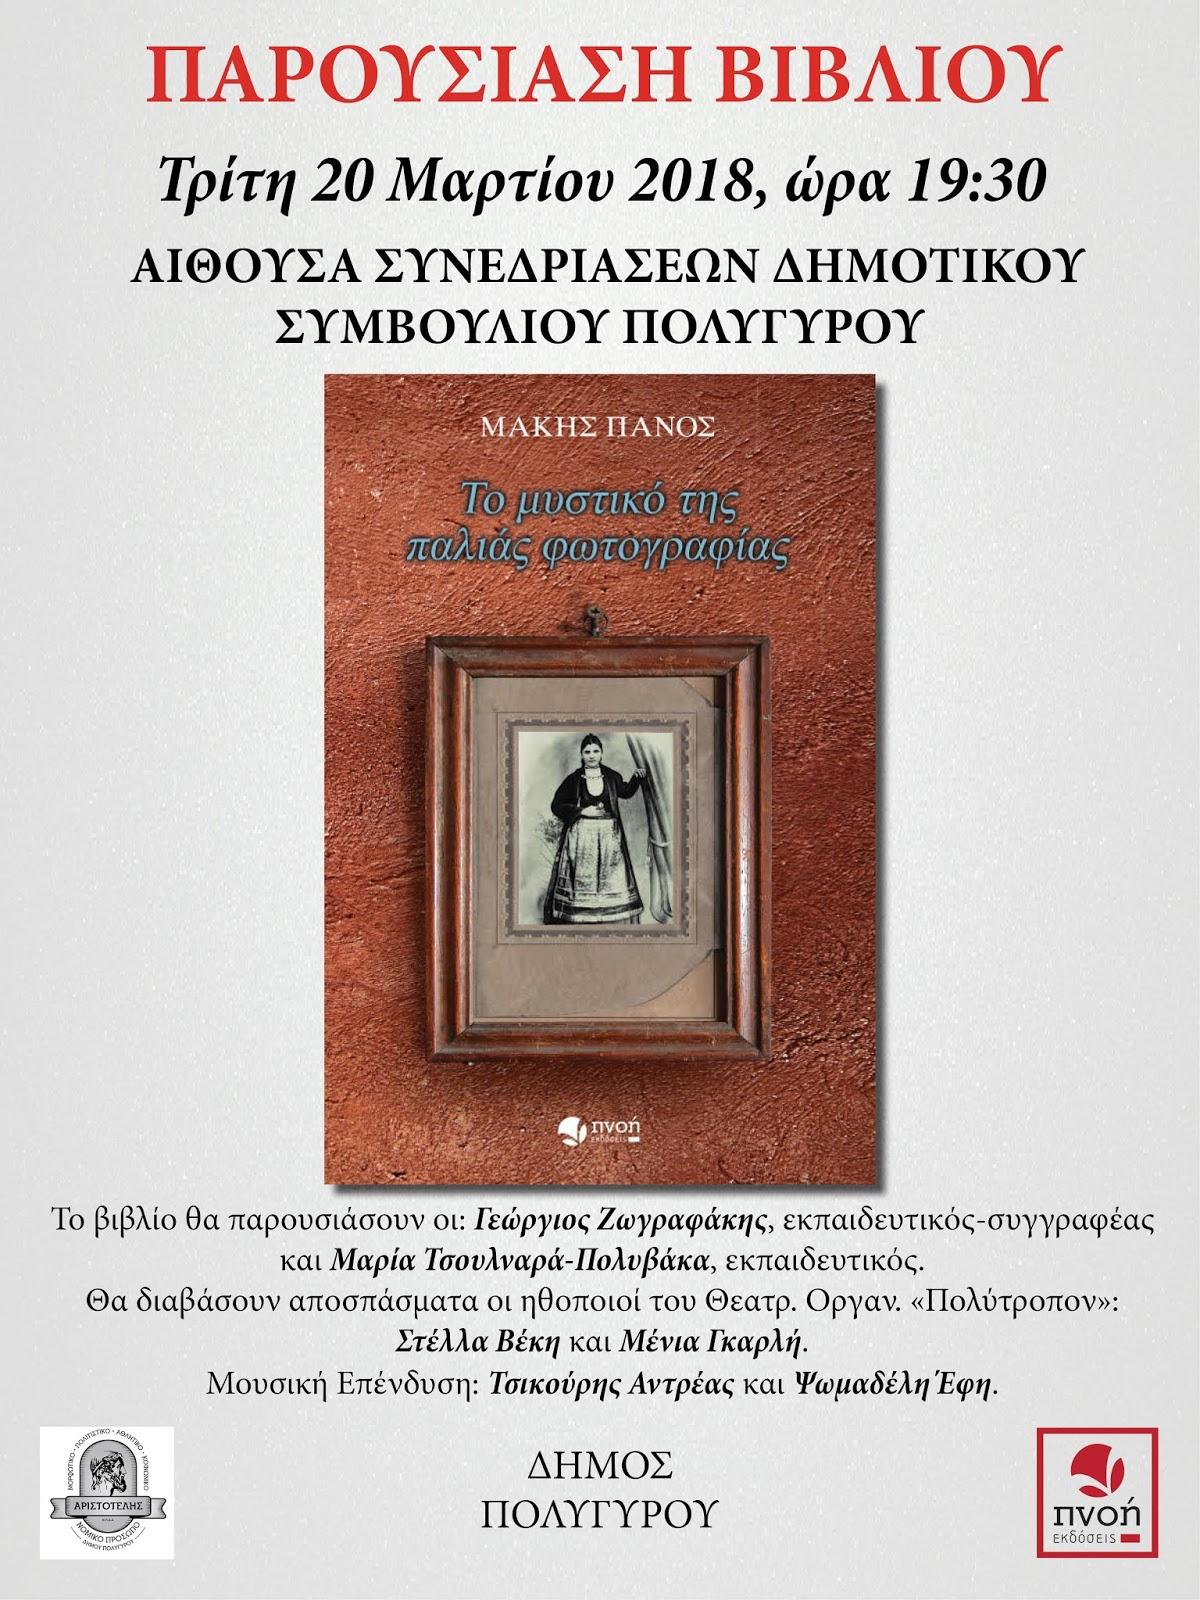 Παρουσίαση του βιβλίου του Μάκη Πάνου  ΤΟ ΜΥΣΤΙΚΟ ΤΗΣ ΠΑΛΙΑΣ ΦΩΤΟΓΡΑΦΙΑΣ